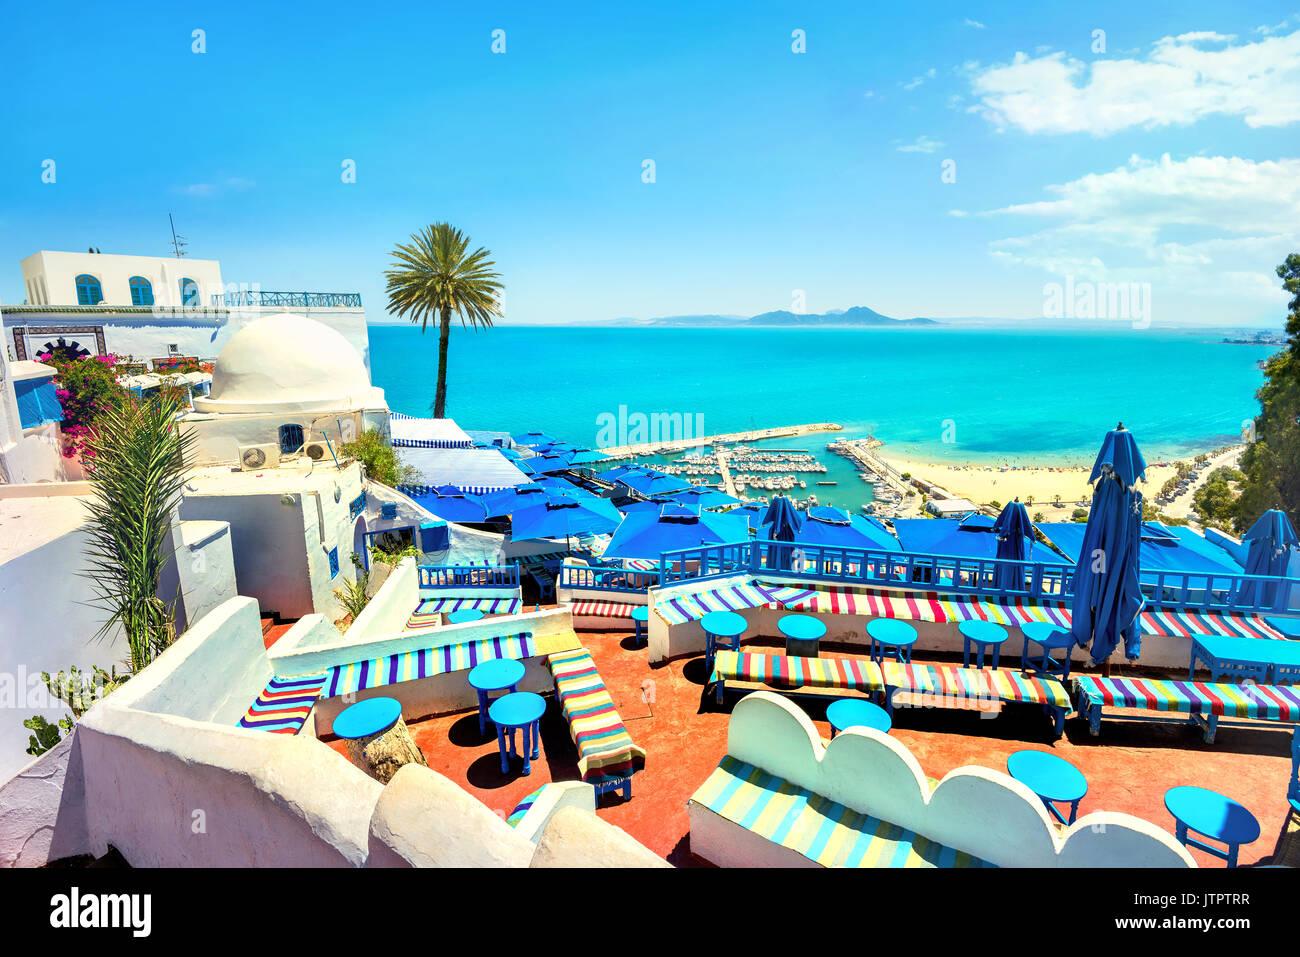 Schönes Top Aussicht auf Meer und Cafe Terrasse in Sidi Bou Said. Tunesien, Nordafrika Stockbild